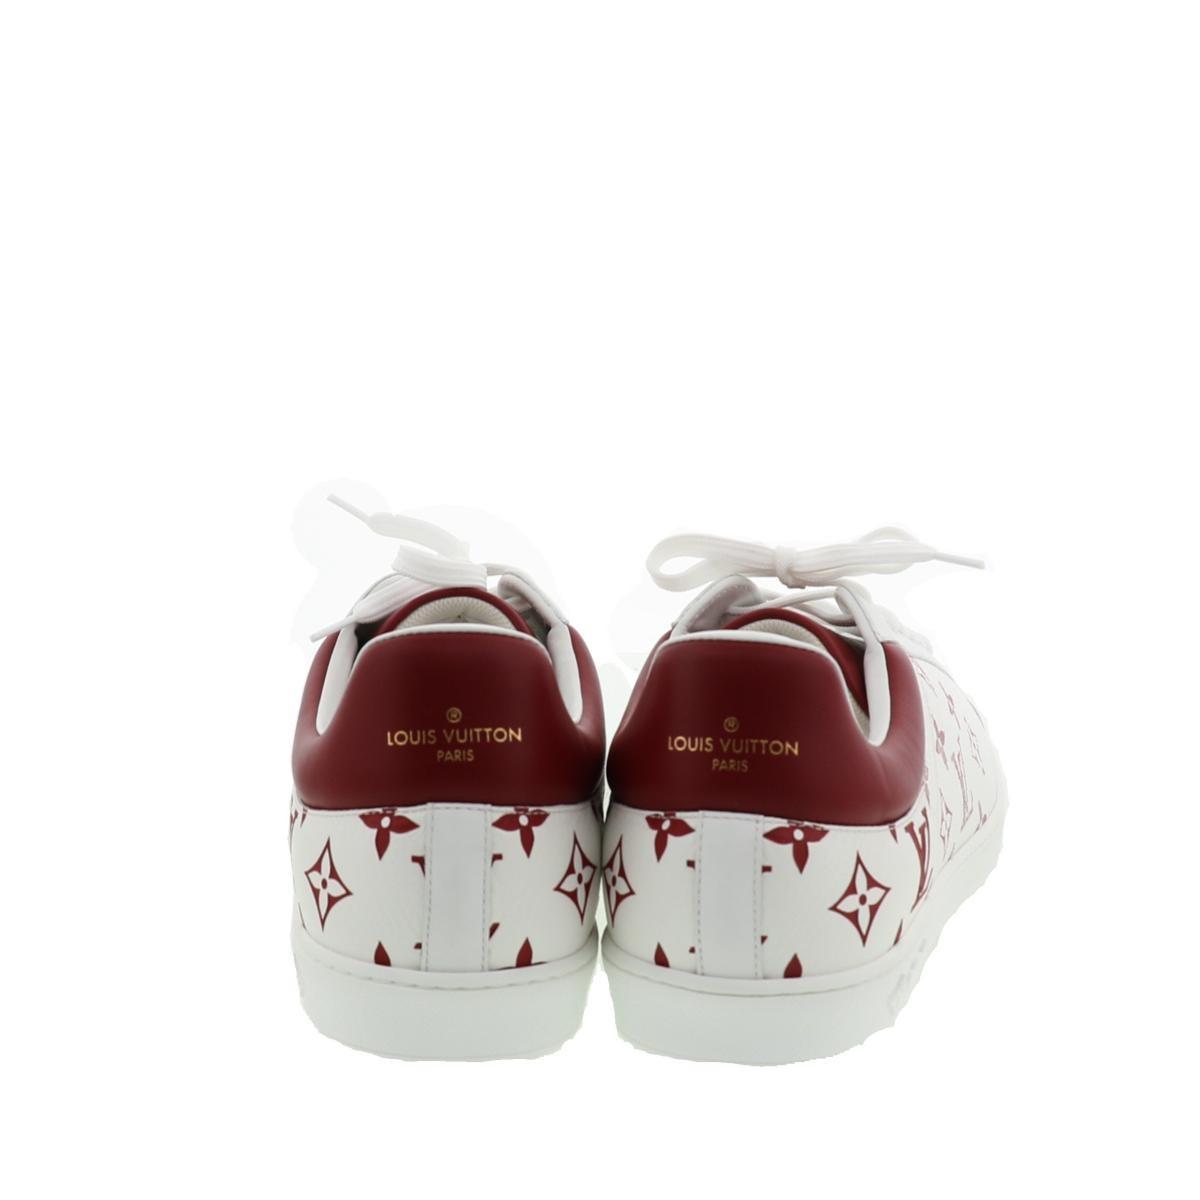 【即日発送・水曜定休日・木曜発送】【極上品】【オススメ】【29cm】【RI】LOUIS VUITTON (ルイヴィトン) リヴォリ・ライン スニーカー 靴 靴/メンズ リヴォリライン ホワイト・レッド